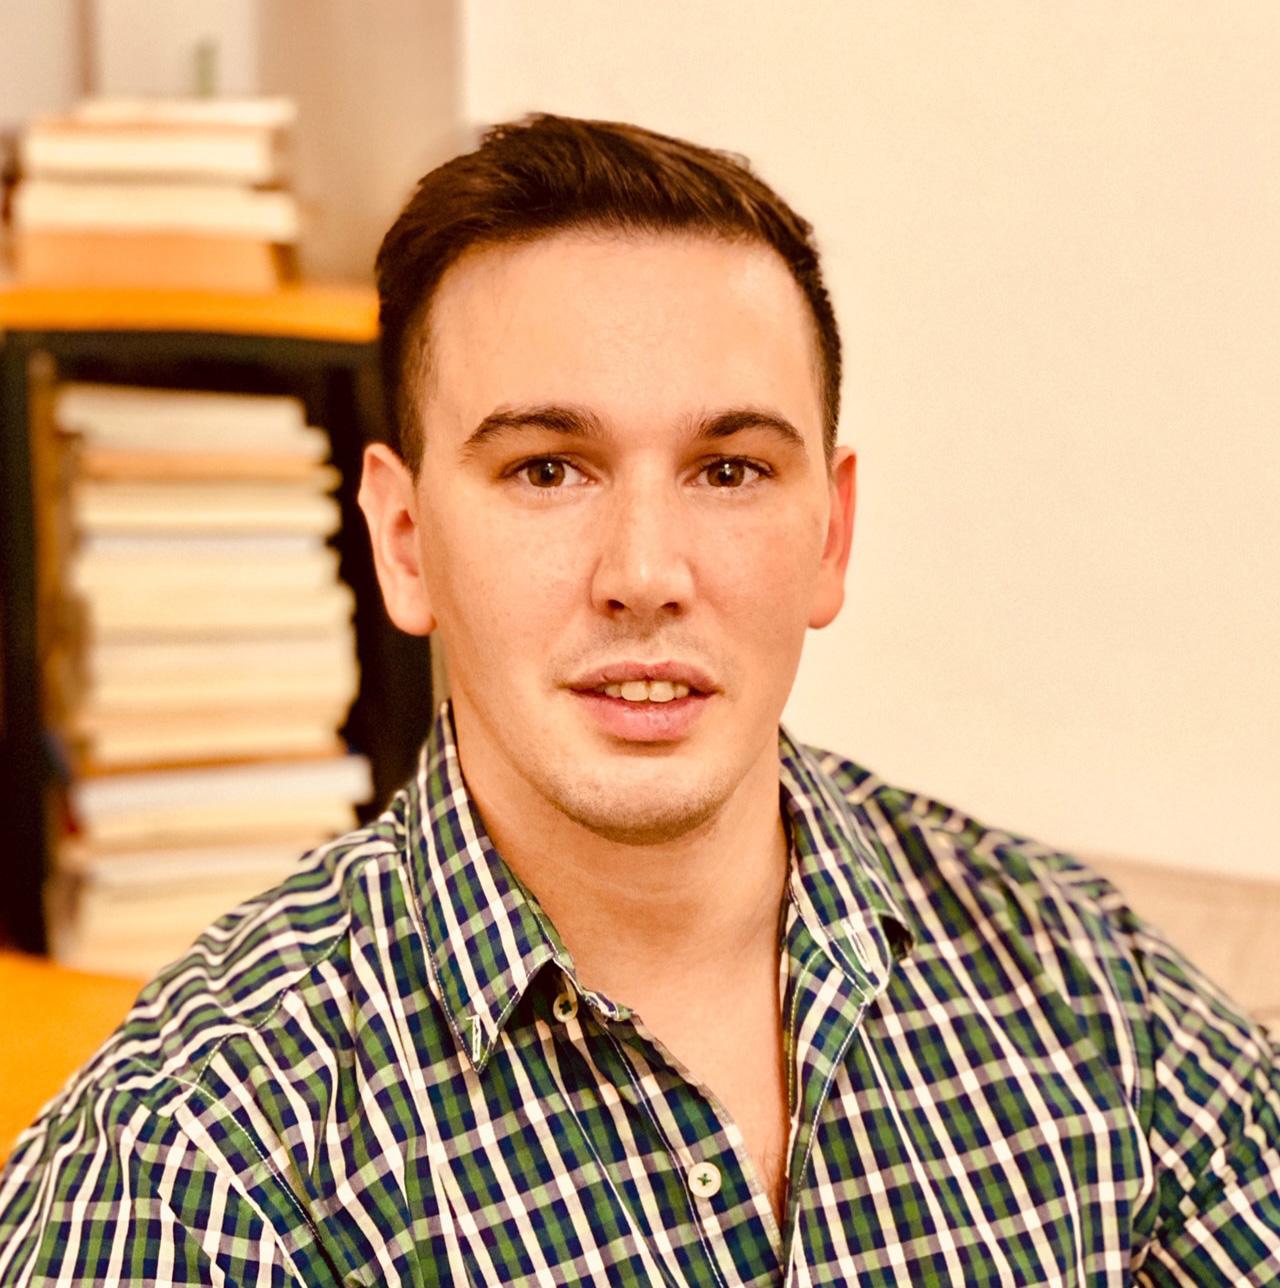 Mauro Dangelo Martínez